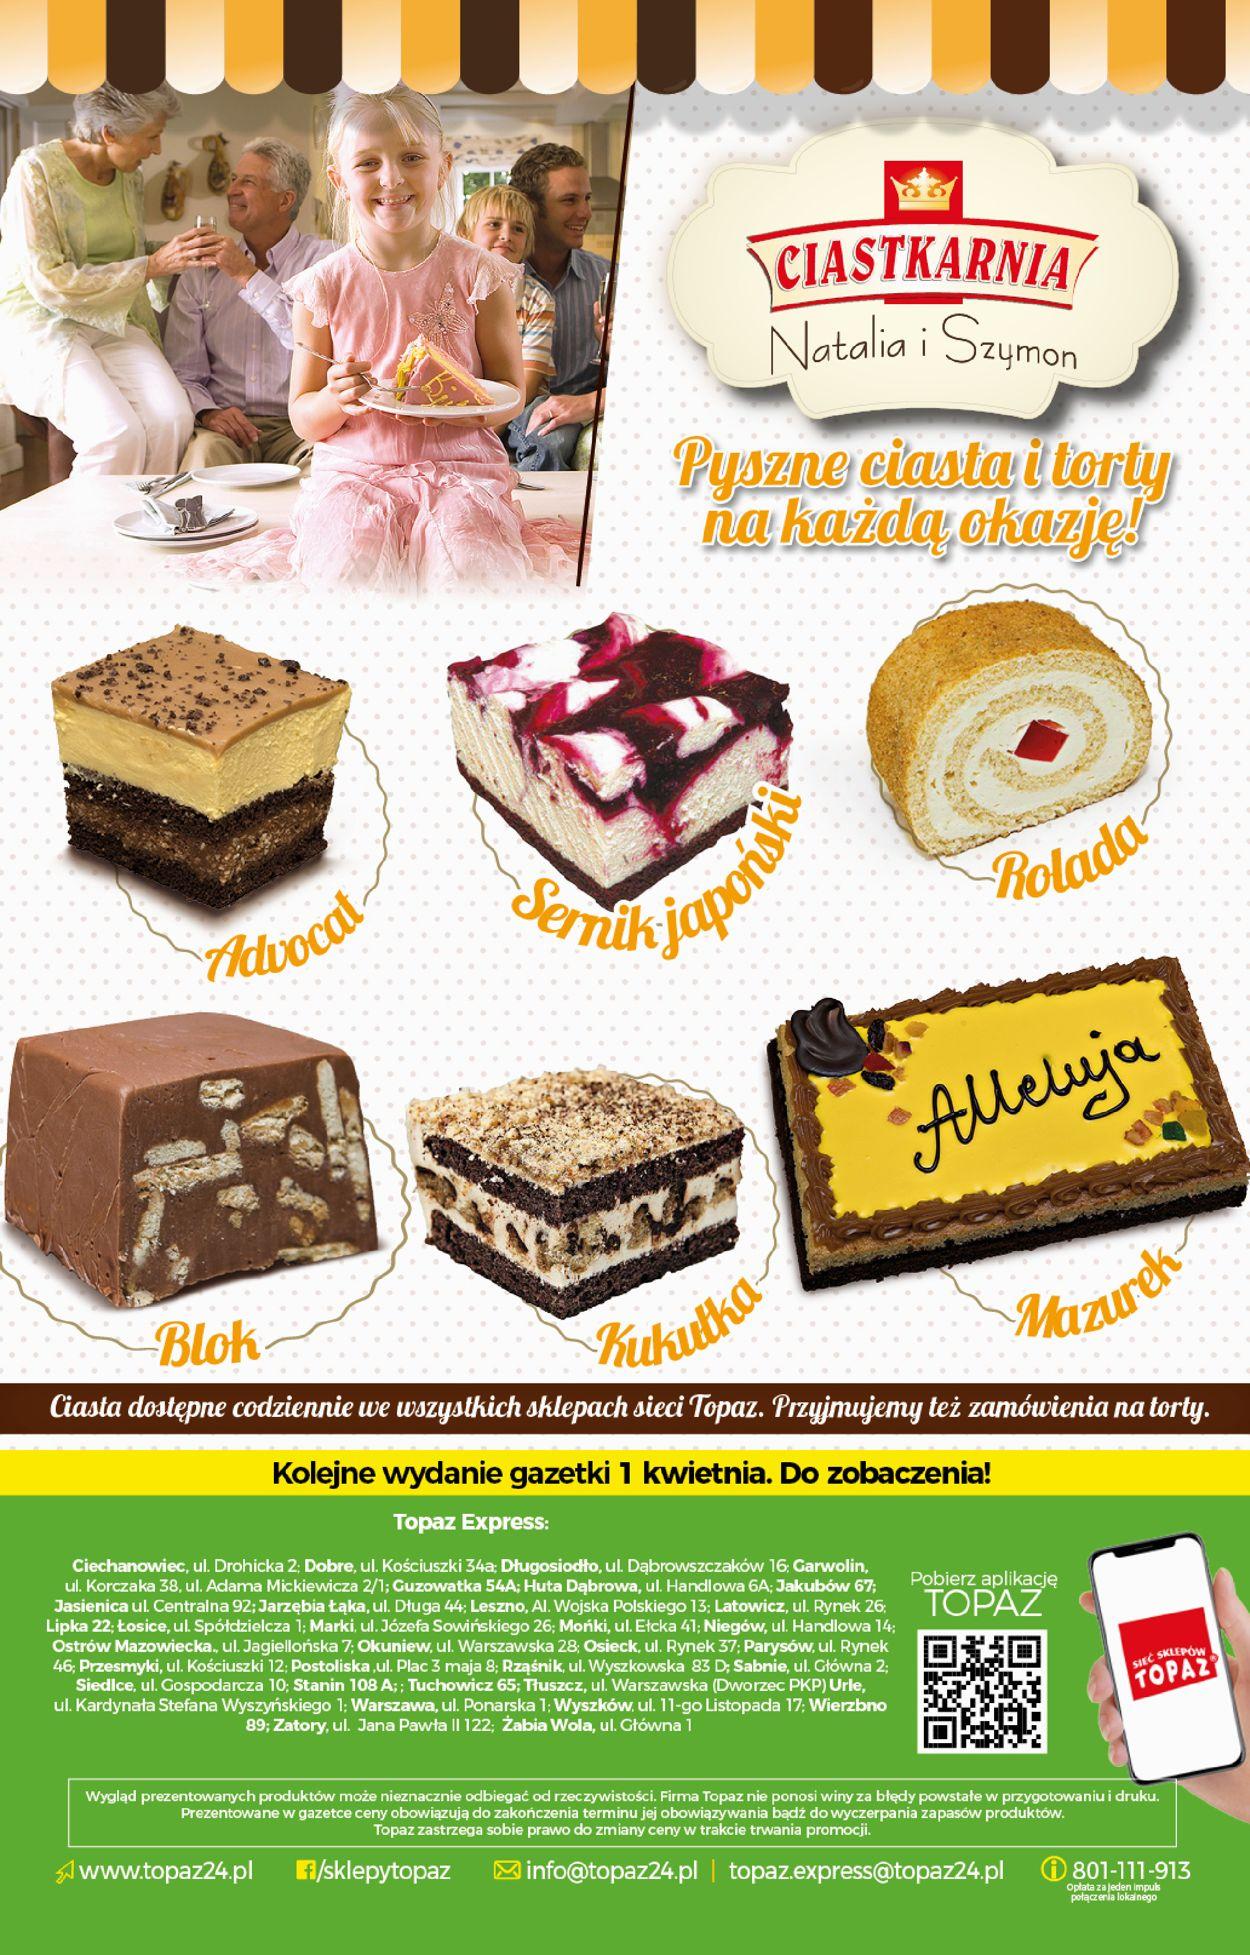 Gazetka promocyjna Topaz Wielkanoc 2021! - 25.03-31.03.2021 (Strona 20)